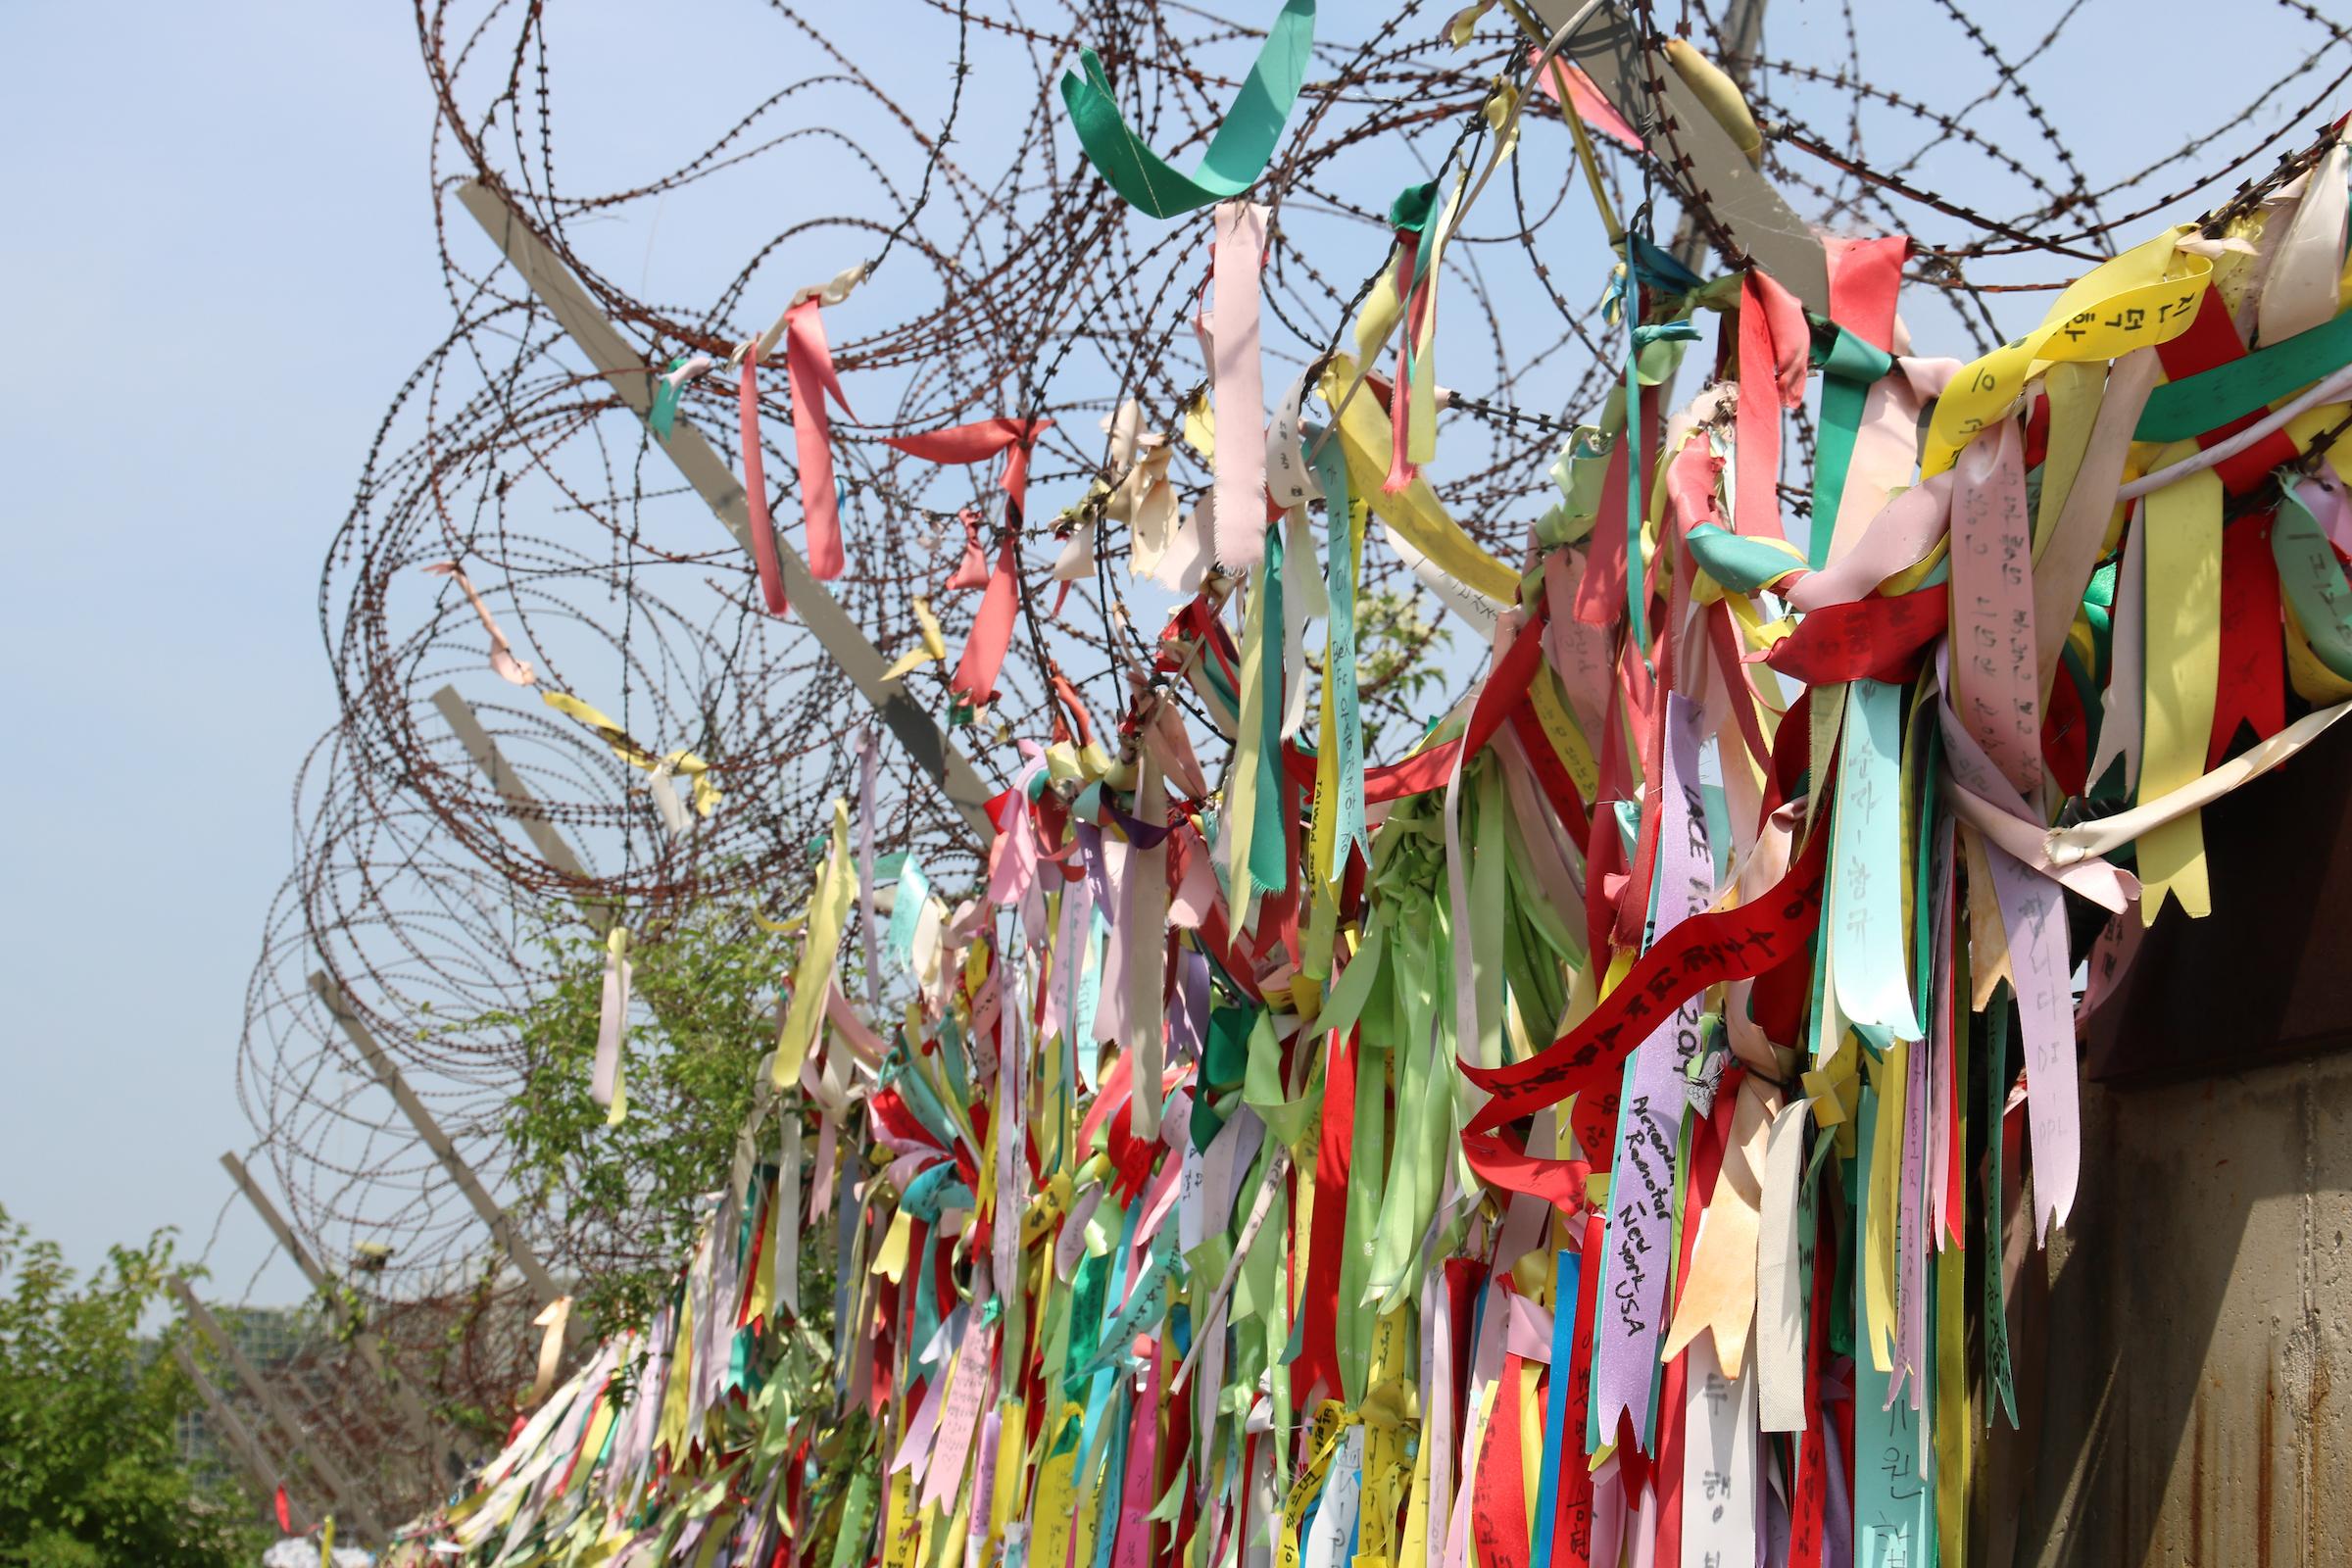 비무장지대에 걸려있는 한반도 평화와 통일을 염원하는 순례자들의 기도문이 적힌 리본들. 사진, 그레고리 드 폼벨리, 세계교회협의회.